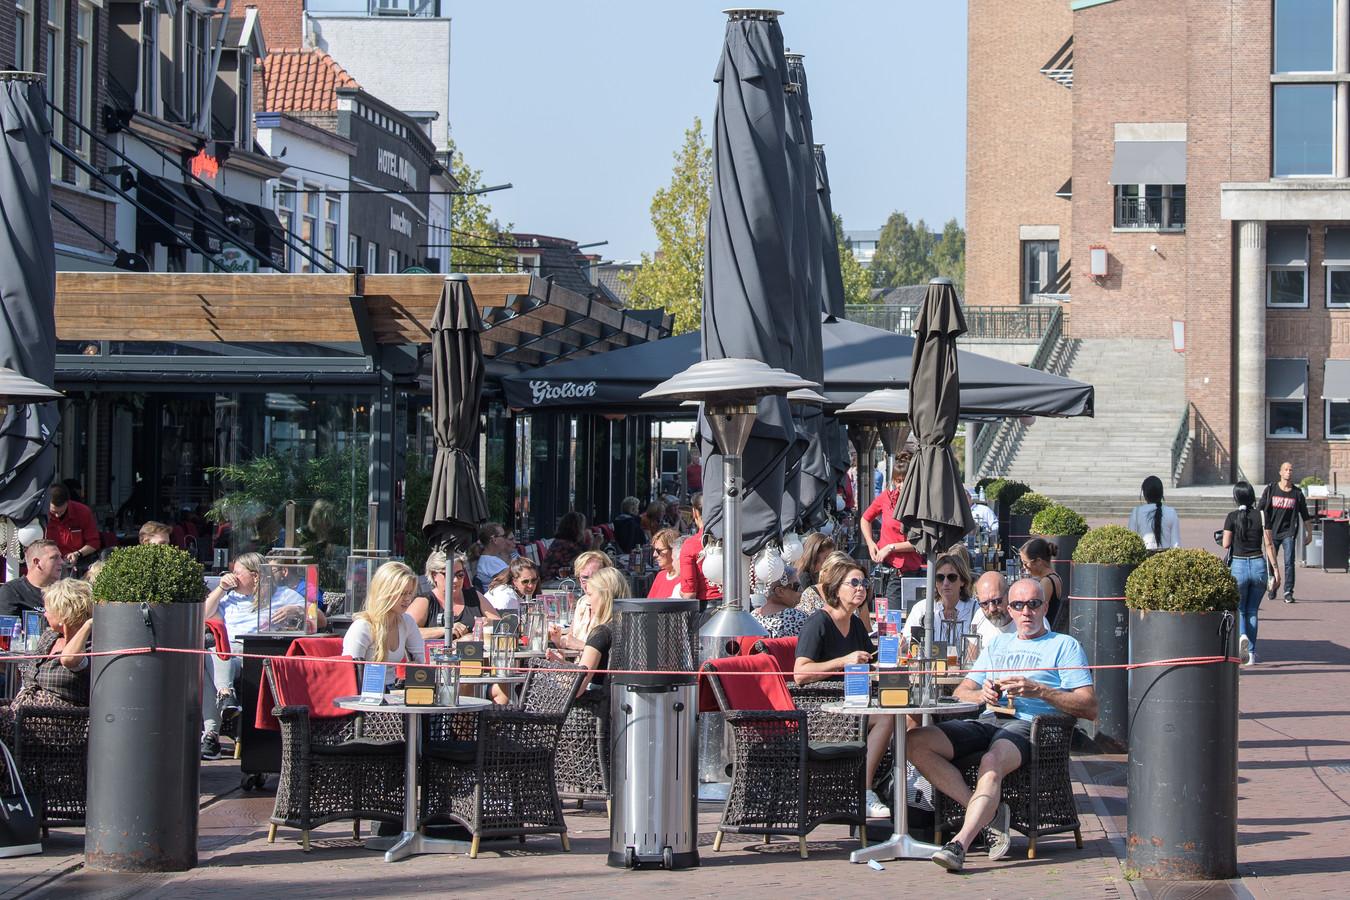 Een vol terras in Hengelo op de laatste mooie zomerdag. Als het aan de Hengelose horeca ligt, blijven de extra coronaterrassen ook de rest van het jaar staan. De gemeente beraadt zich nog.